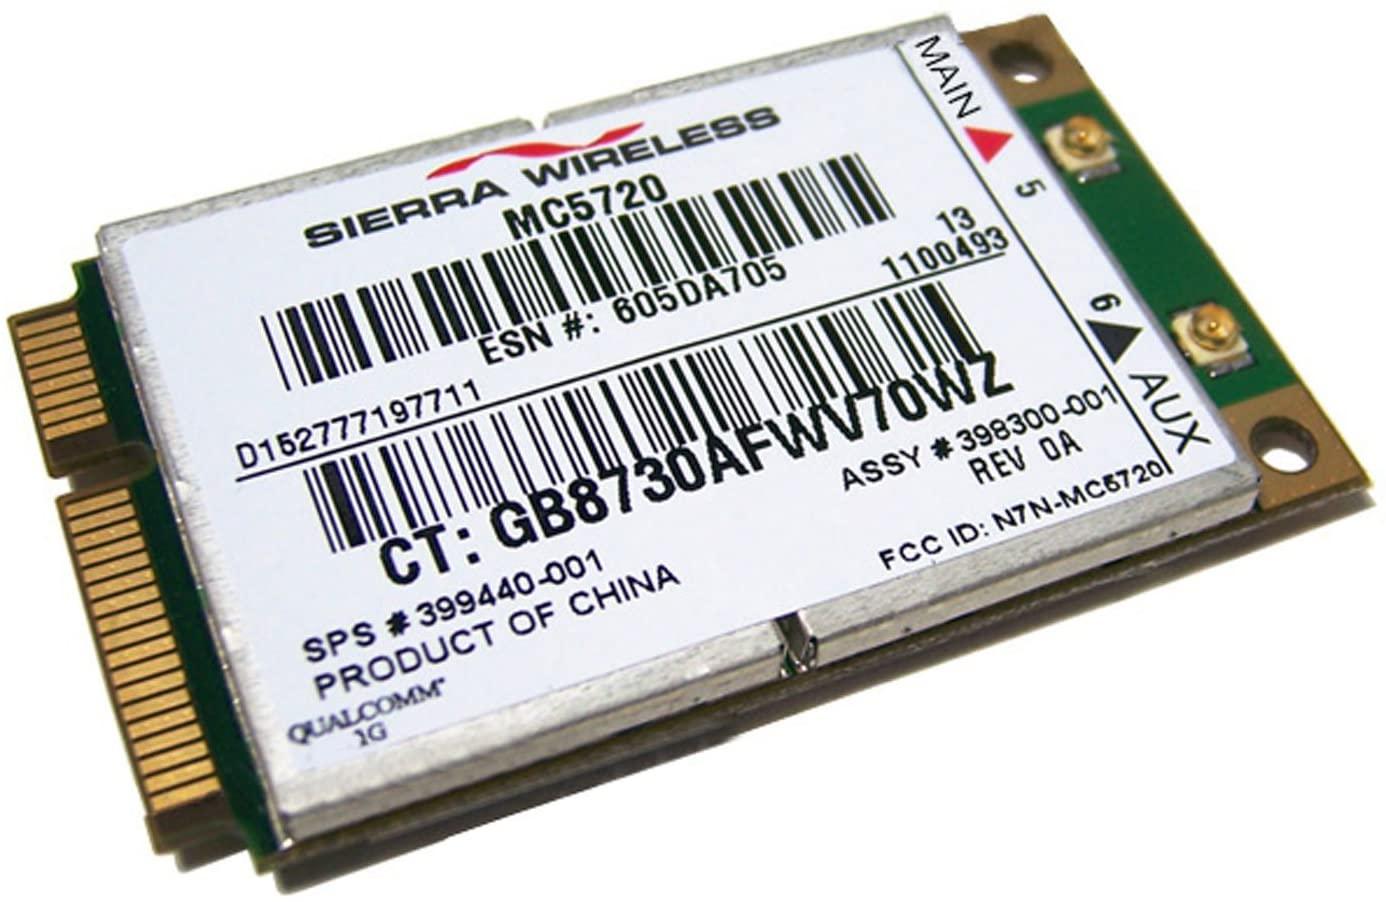 HP Sierra Wireless MC5720 Wirelss Card 399440-001 Sierra 398300-001 MC5720